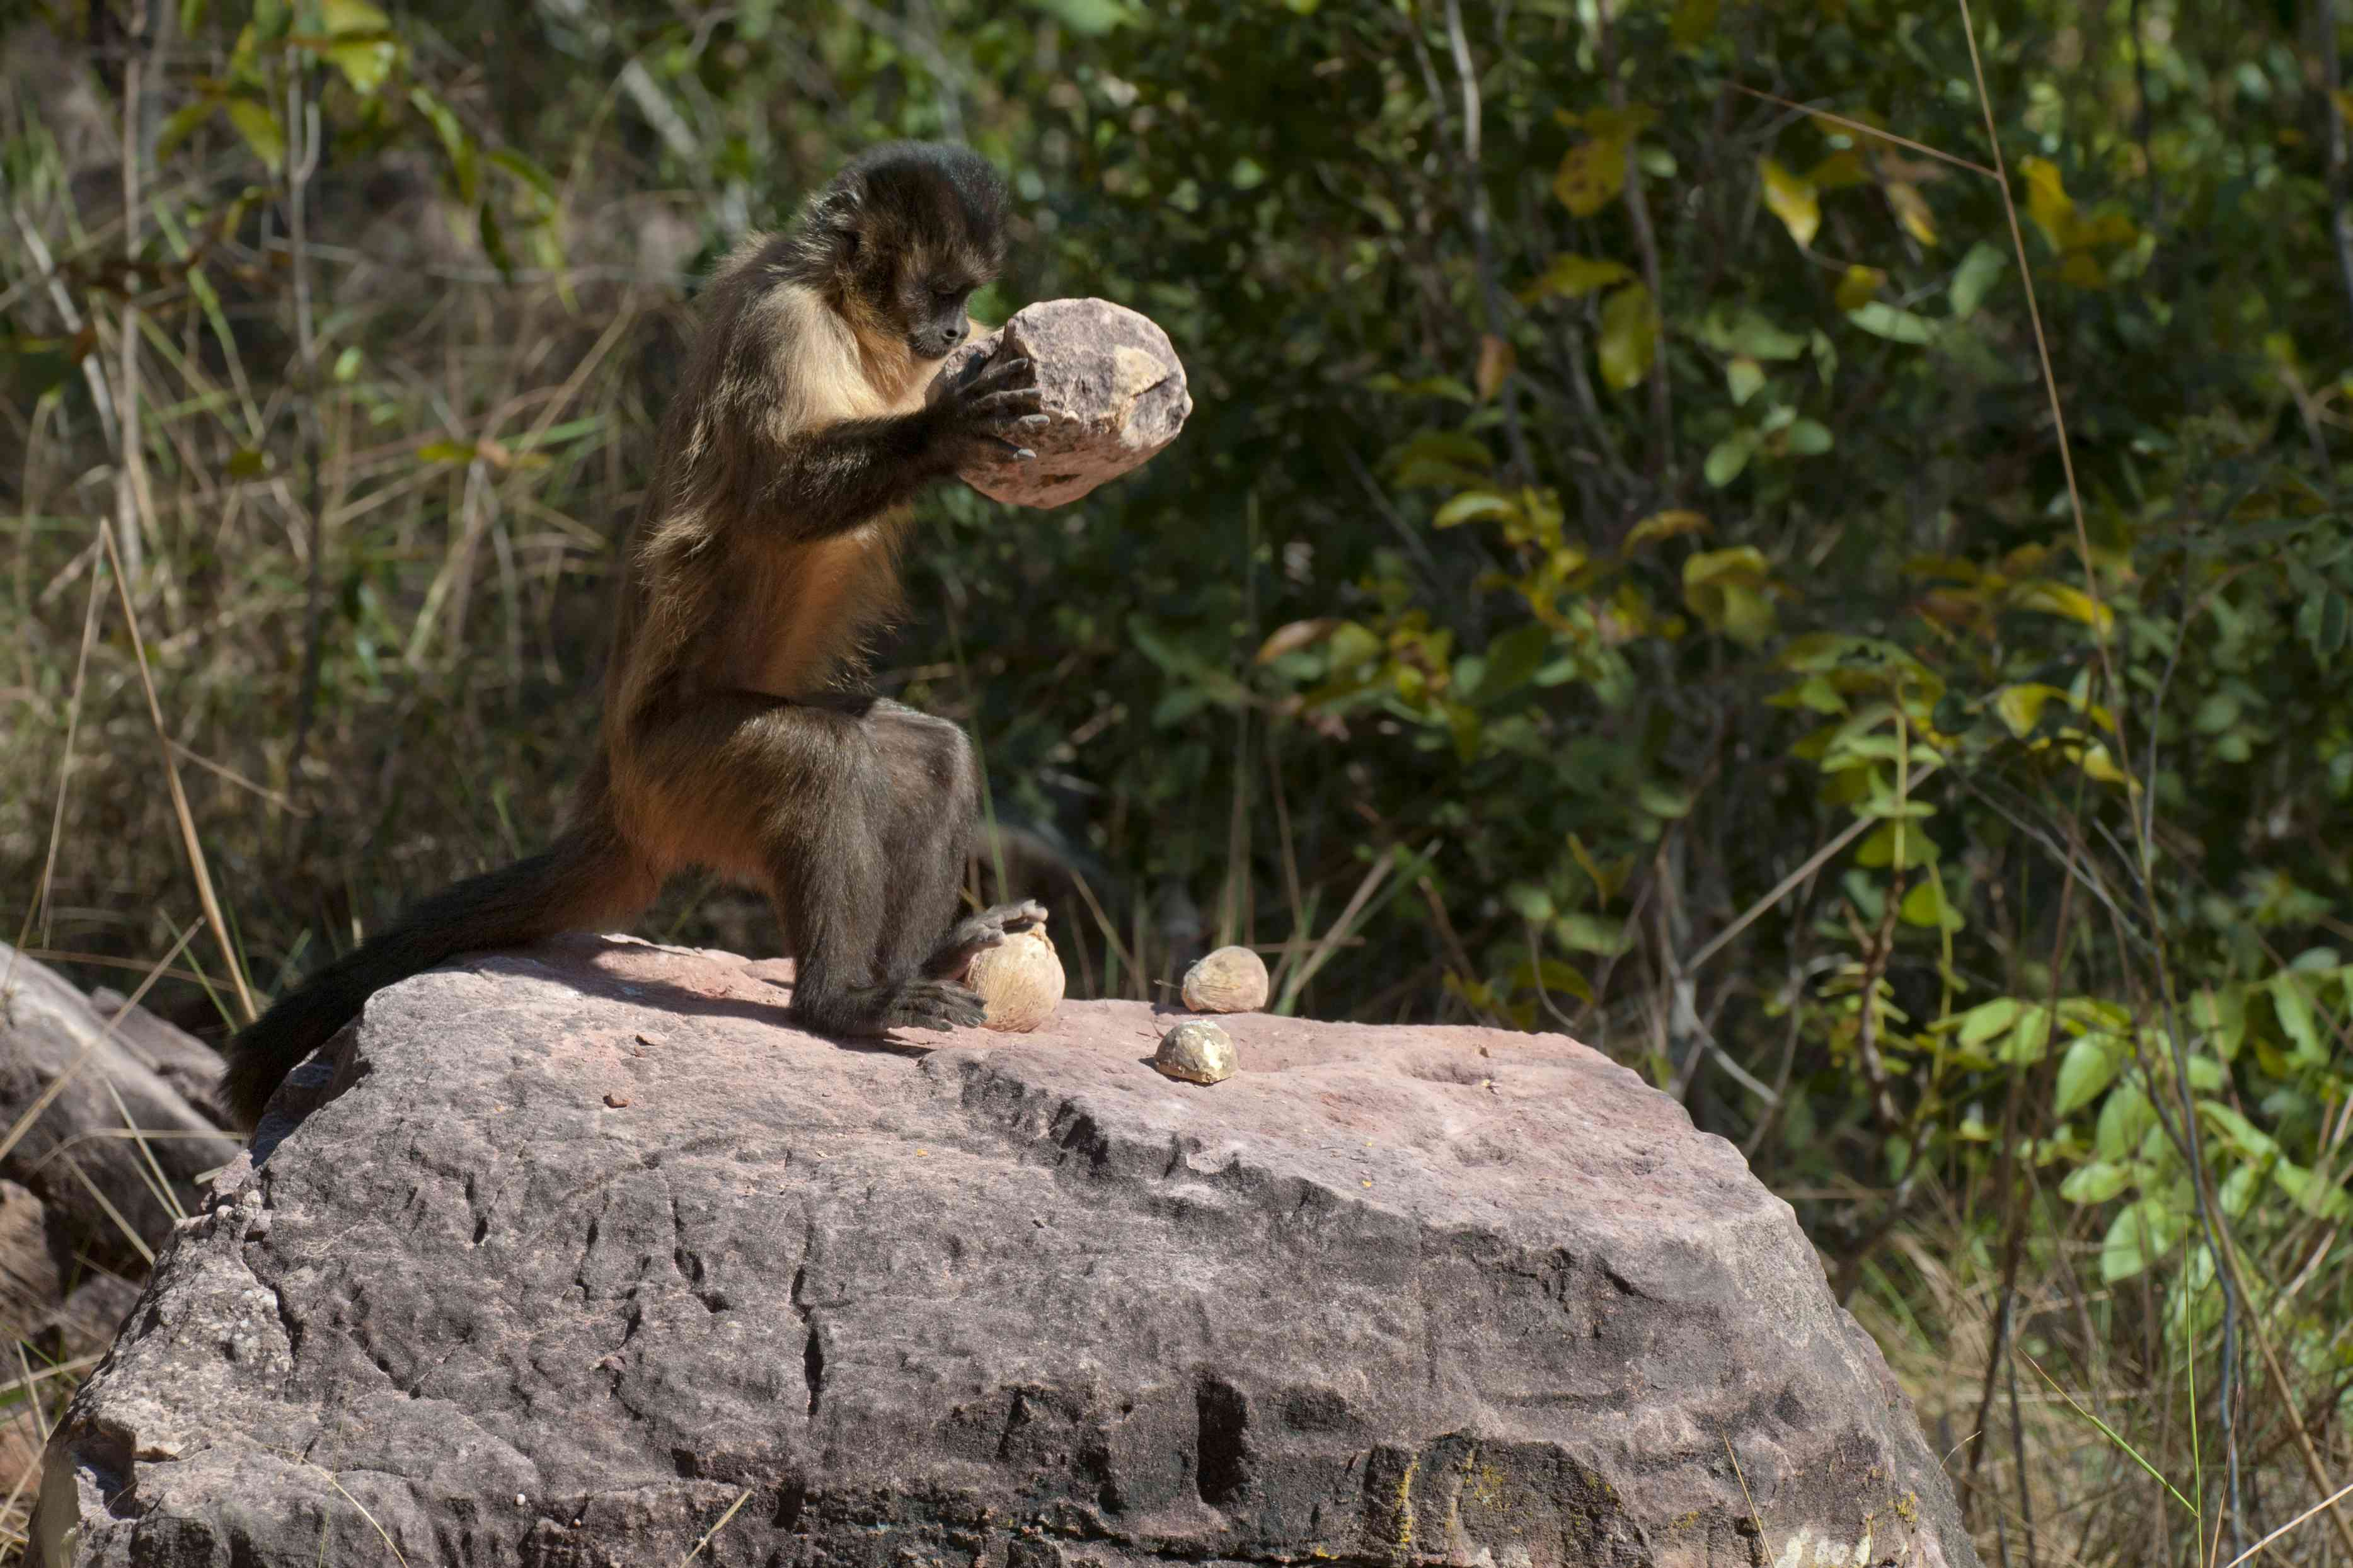 Bearded capuchin monkey using rocks to break open palm nuts